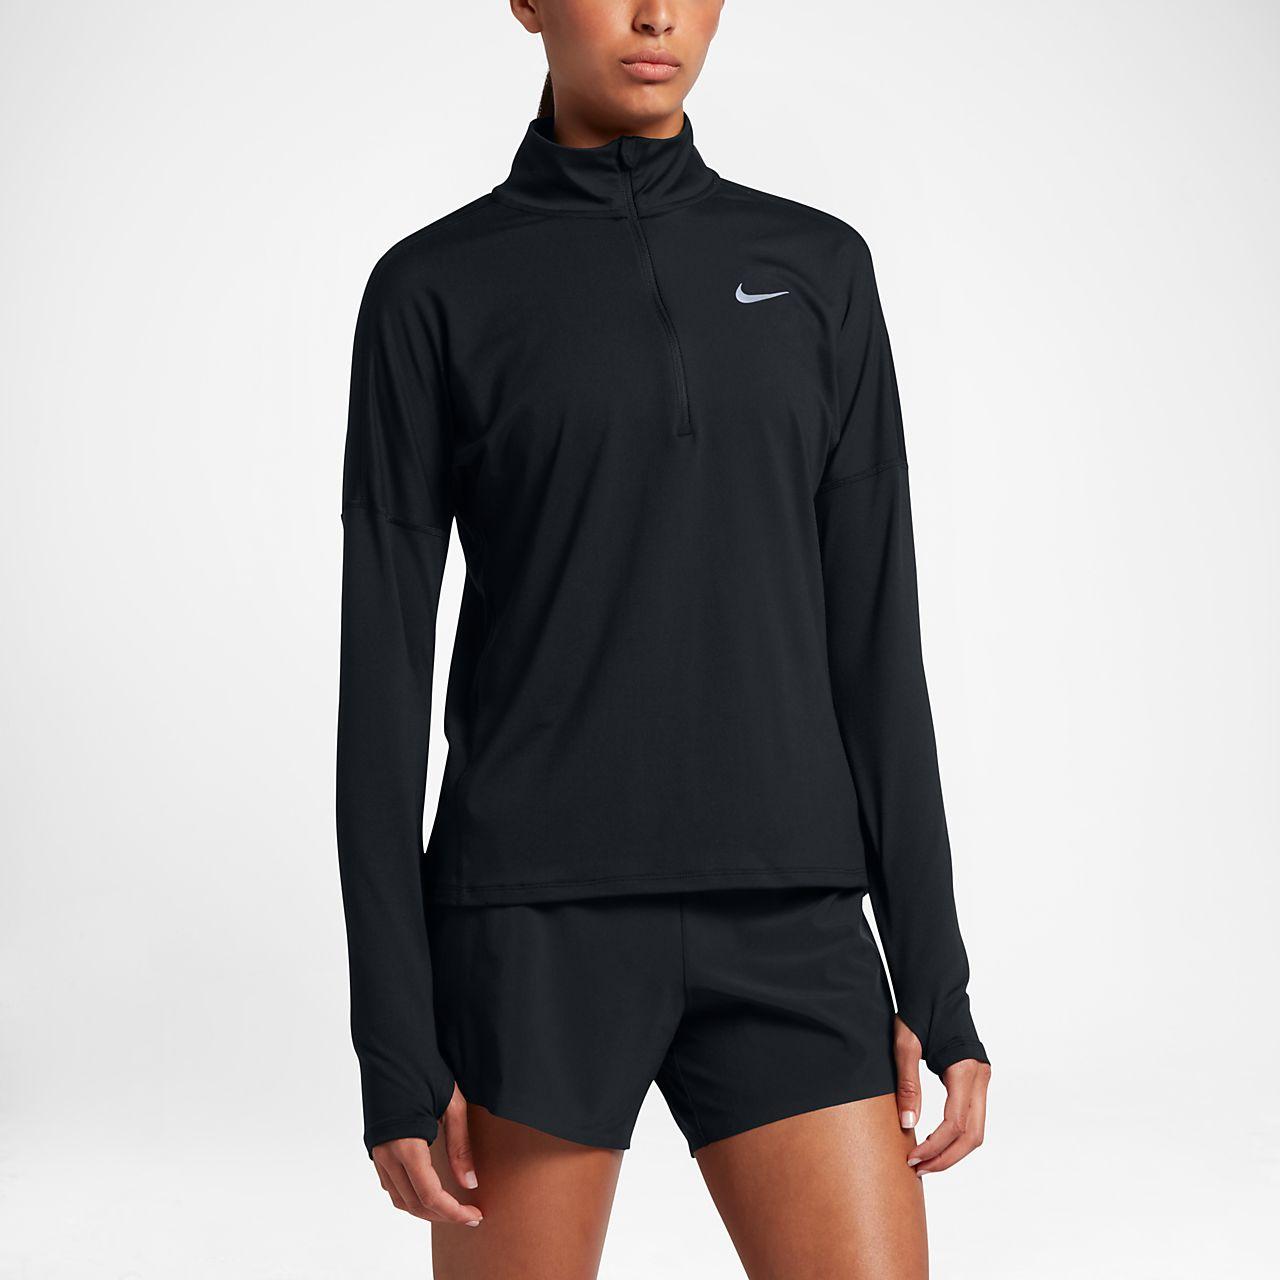 Damska koszulka z długim rękawem i zamkiem 1/2 do biegania Nike Dri-FIT